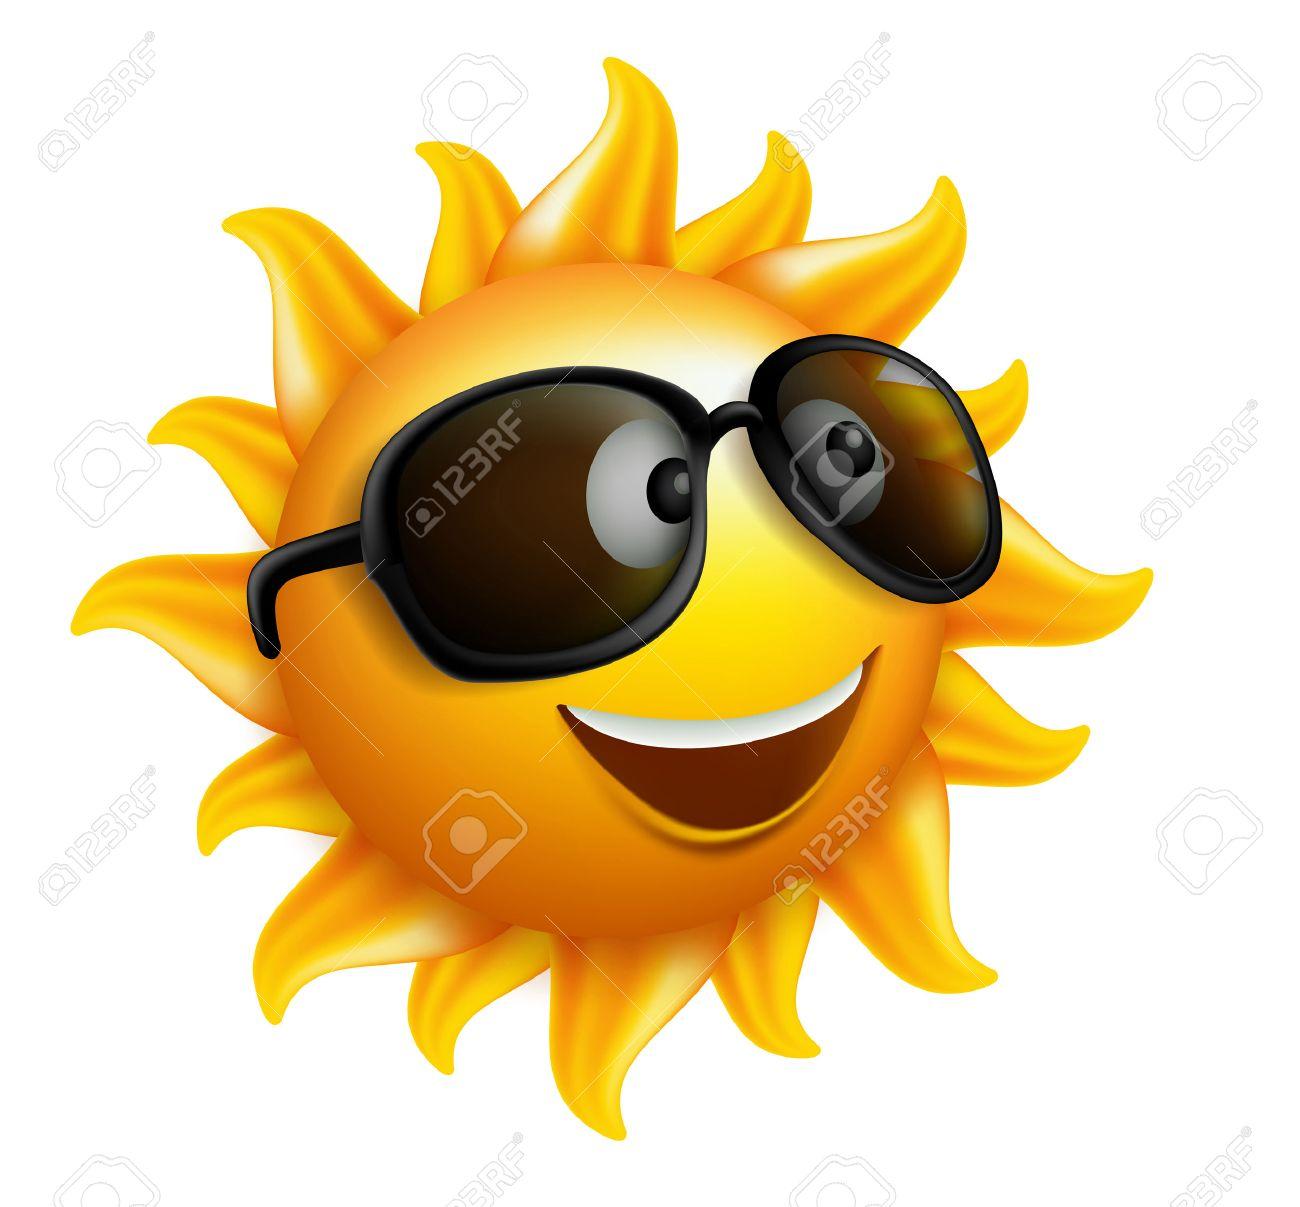 sol de sonrisal